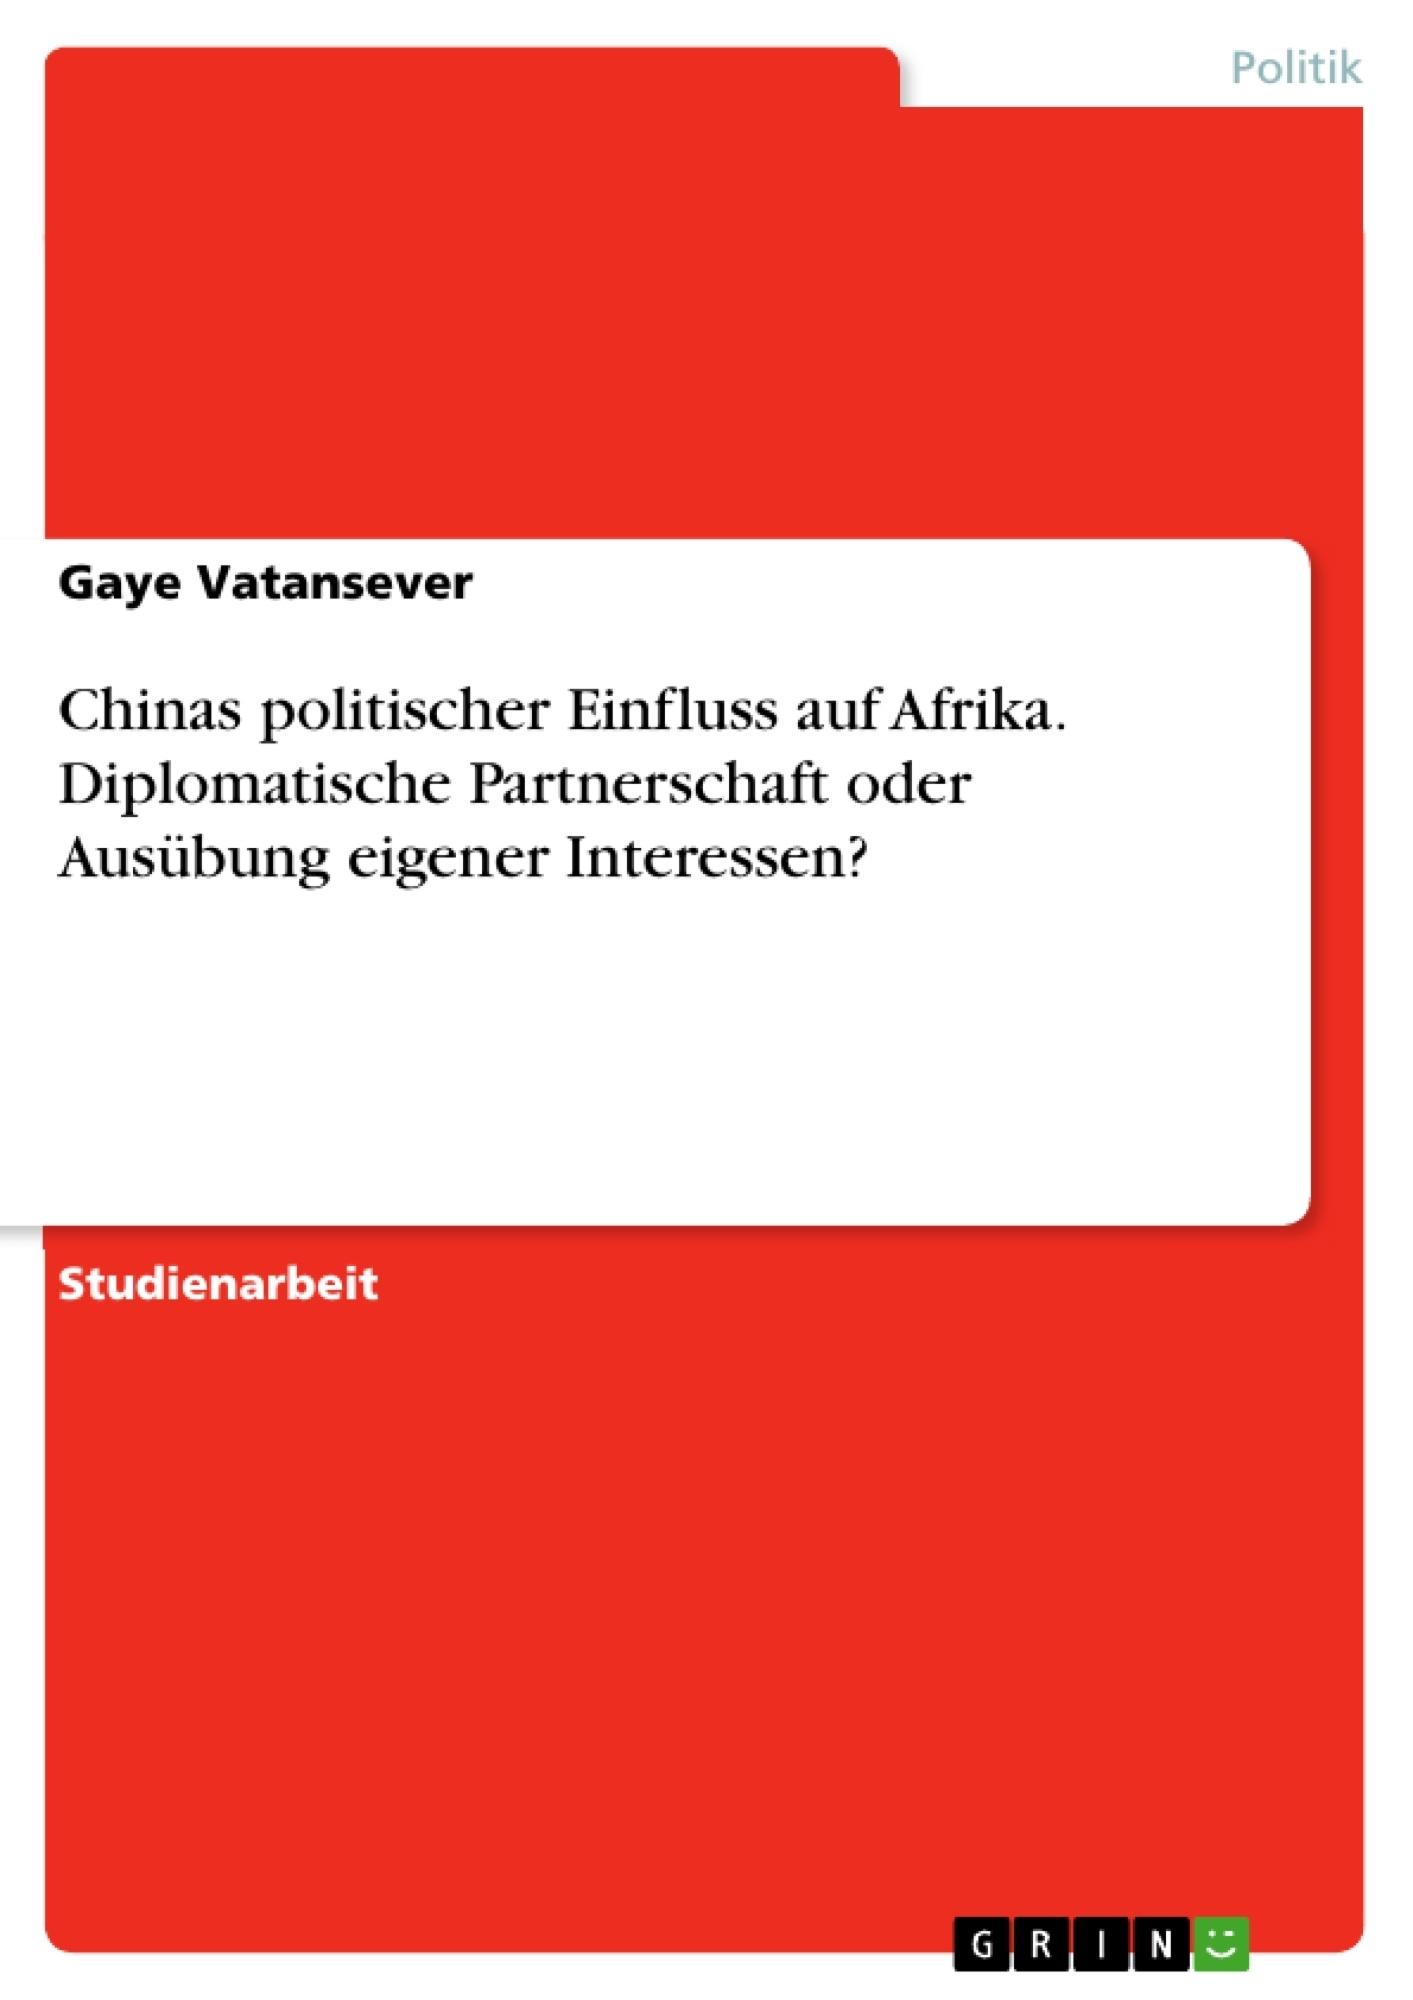 Titel: Chinas politischer Einfluss auf Afrika. Diplomatische Partnerschaft oder Ausübung eigener Interessen?